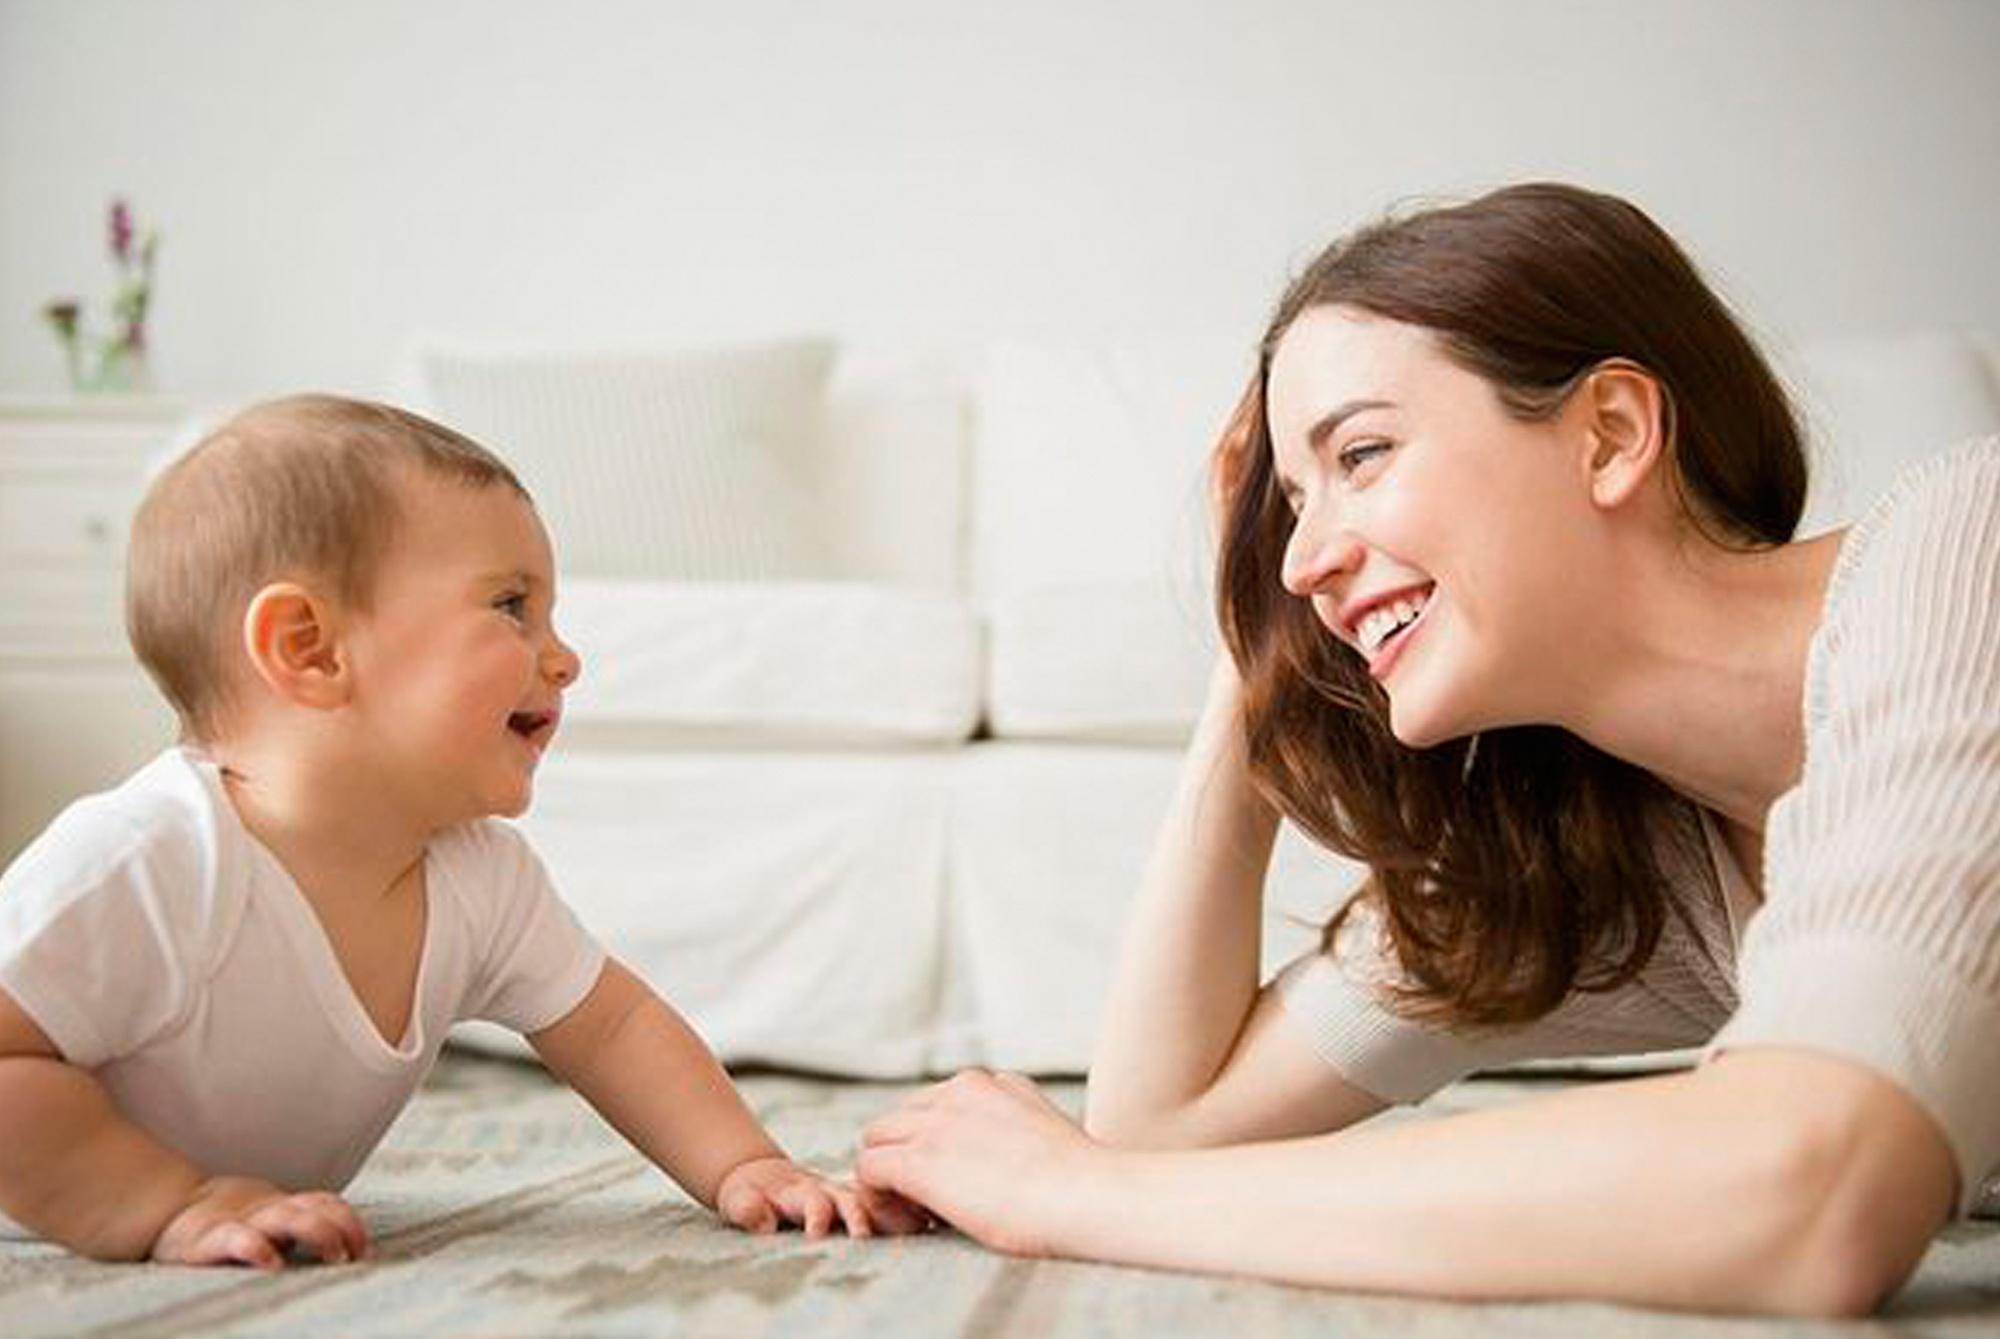 试管婴儿越来越普遍,和正常婴儿在这方面的差别,科学解释这样说